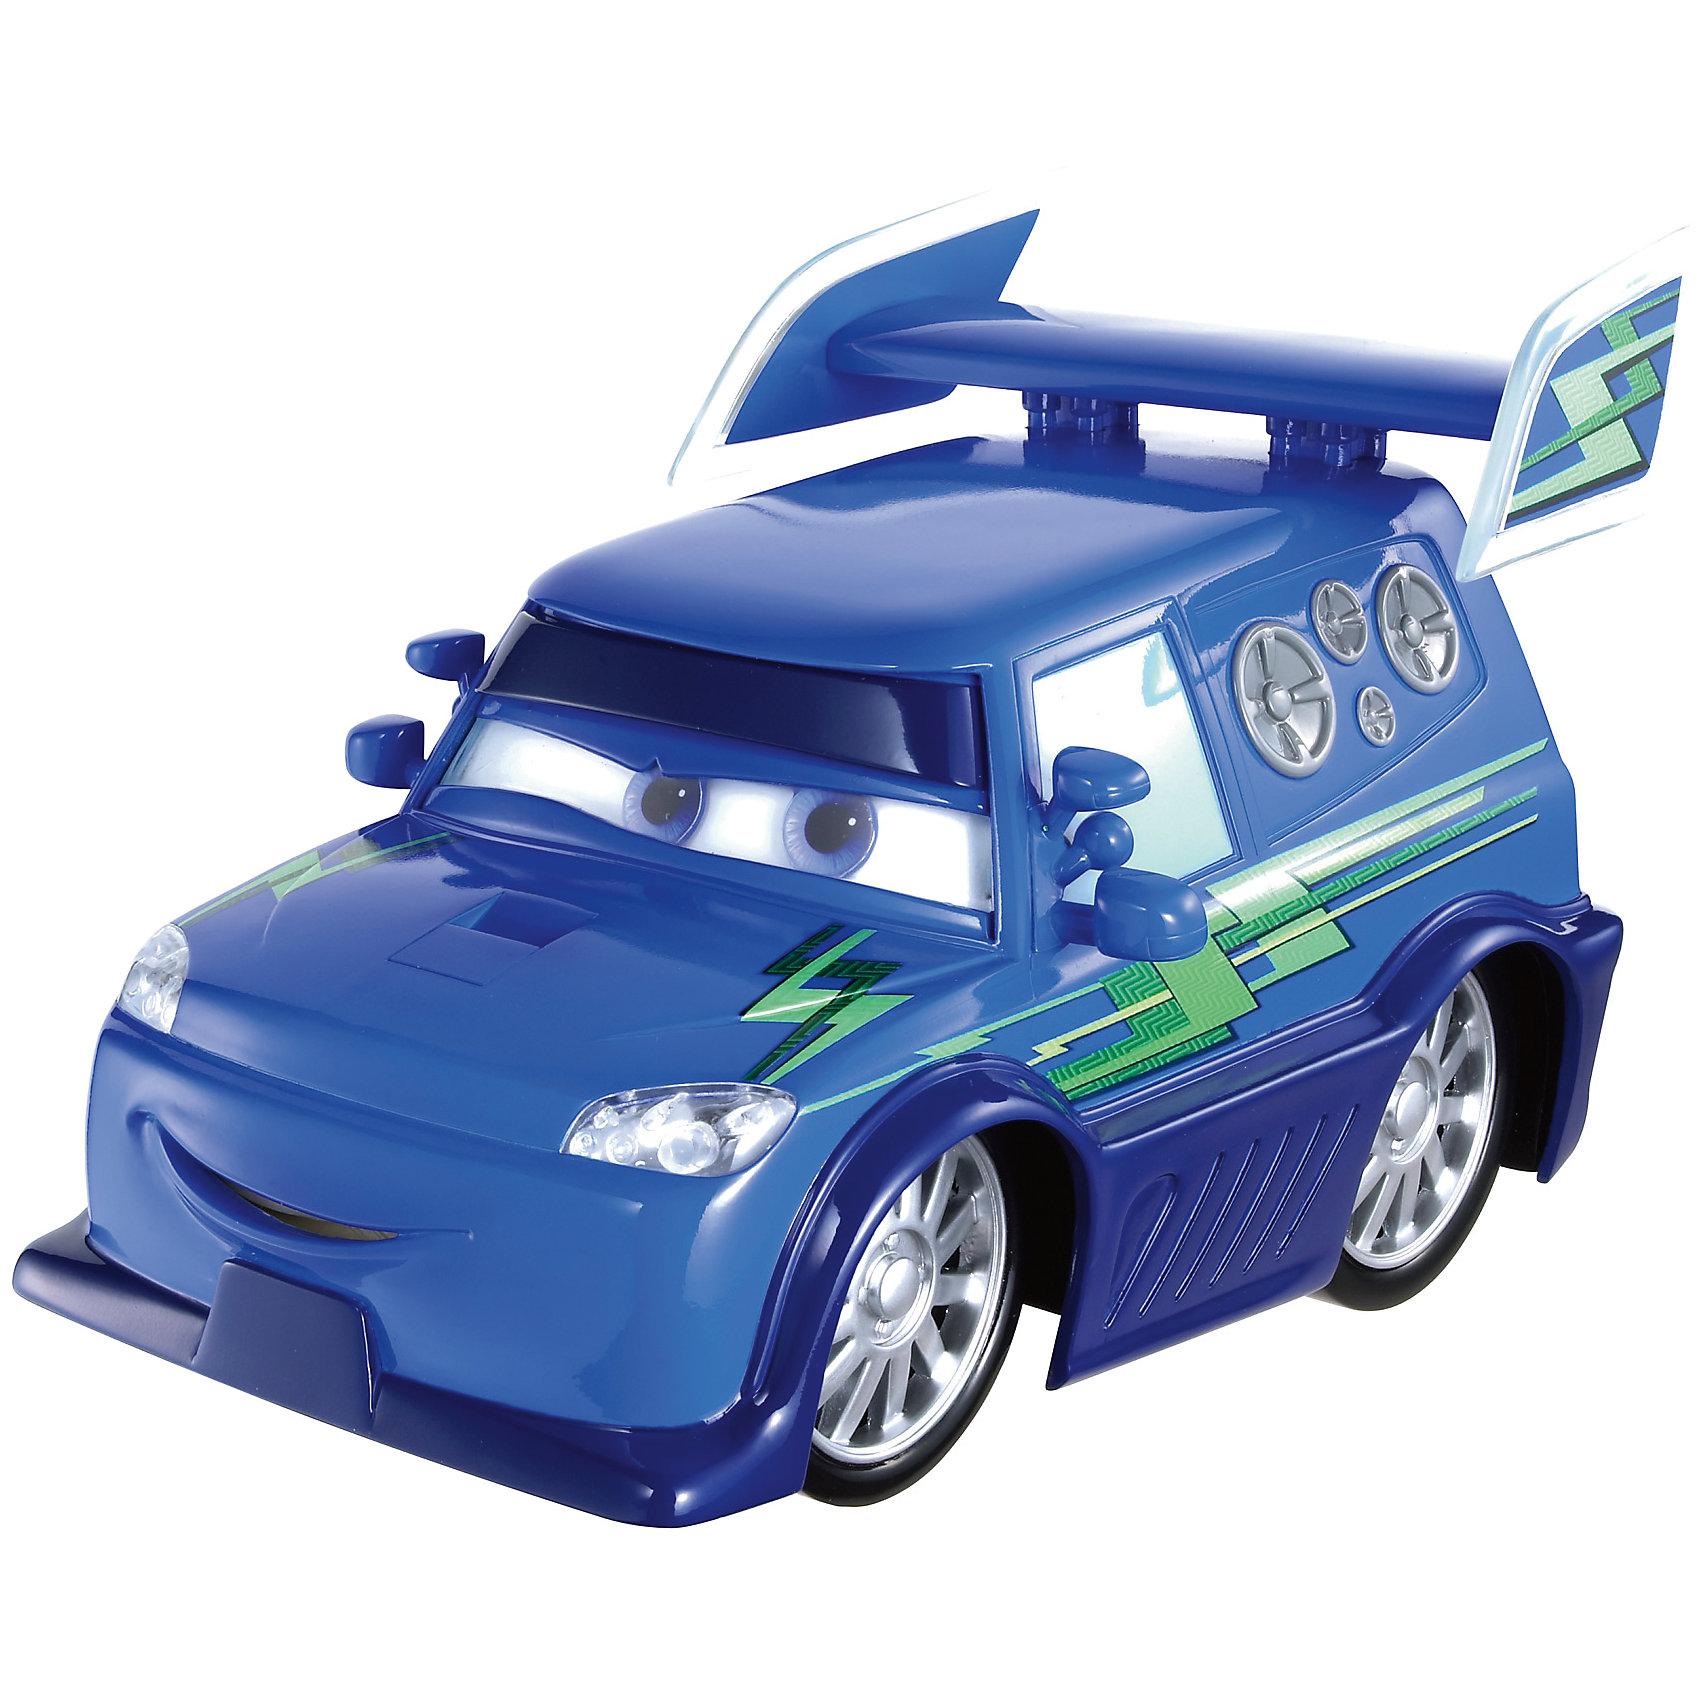 Литая машинка, Тачки-2Тачки<br>Литая машинка Делюкс от компании «Mattel» выполнена в виде главного персонажа мультфильма «Тачки 2». Изготовленная из металла в масштабе 1:55 игрушка отличается высокой степенью детализации и качеством исполнения. Завладев несколькими моделями, малыш сможет окунуться в любимый мультипликационный мир, устроить красочные показательные выступления среди машинок-киногероев.<br><br>Дополнительная информация:<br><br>- Материал: металл<br>- В упаковке: 1 шт.<br>- Размер машинки: 8 см.<br><br>Литую машинку, Тачки-2 можно купить в нашем магазине.<br><br>Ширина мм: 135<br>Глубина мм: 45<br>Высота мм: 160<br>Вес г: 80<br>Возраст от месяцев: 36<br>Возраст до месяцев: 72<br>Пол: Мужской<br>Возраст: Детский<br>SKU: 5015788